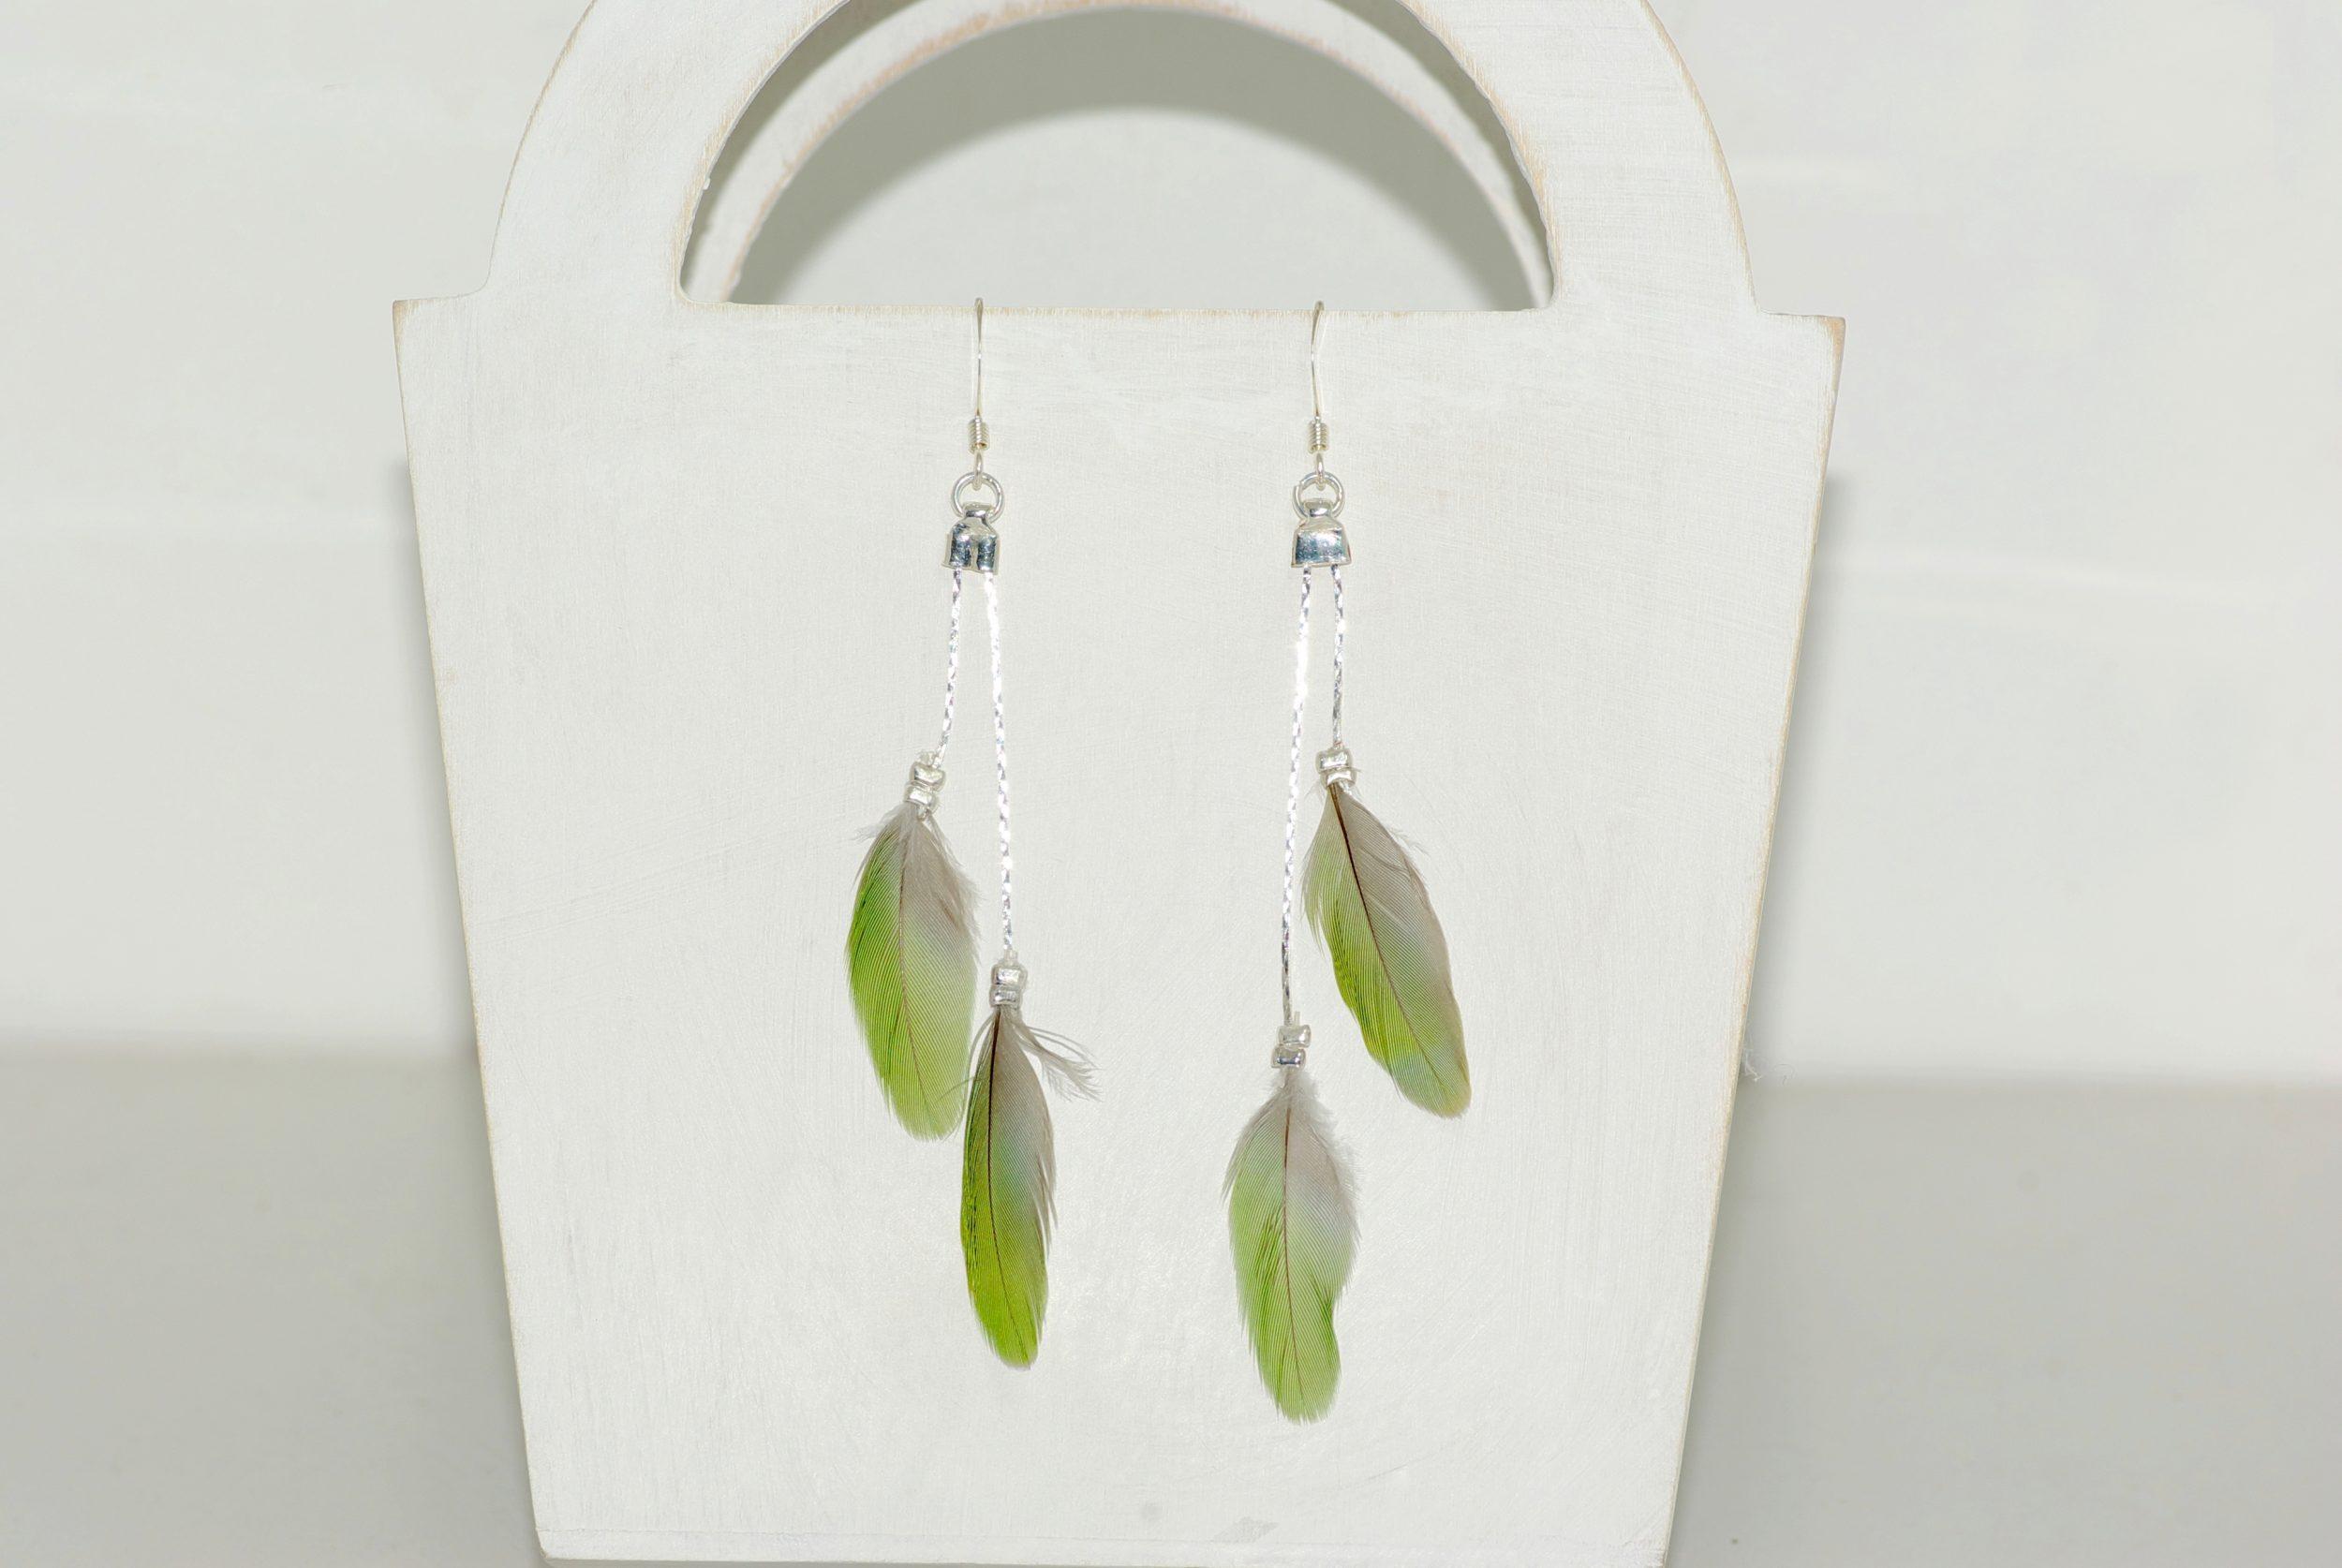 Boucles d'oreilles plumes vertes et fines chaînes argentées